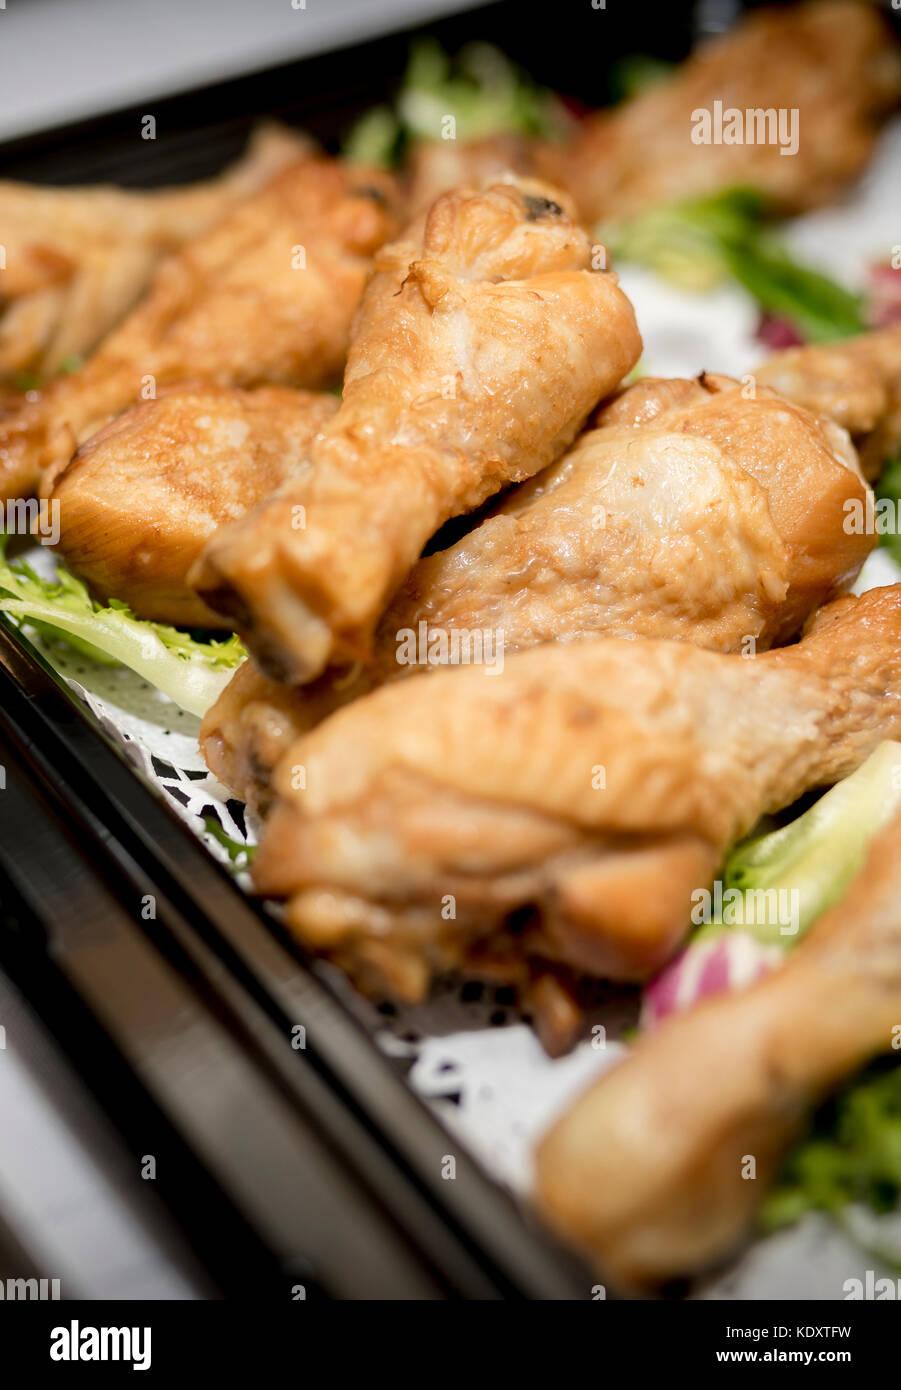 Cerca de palillos de tambor de pollo asado en un buffet en una bandeja negra con lechuga como guarnición Foto de stock